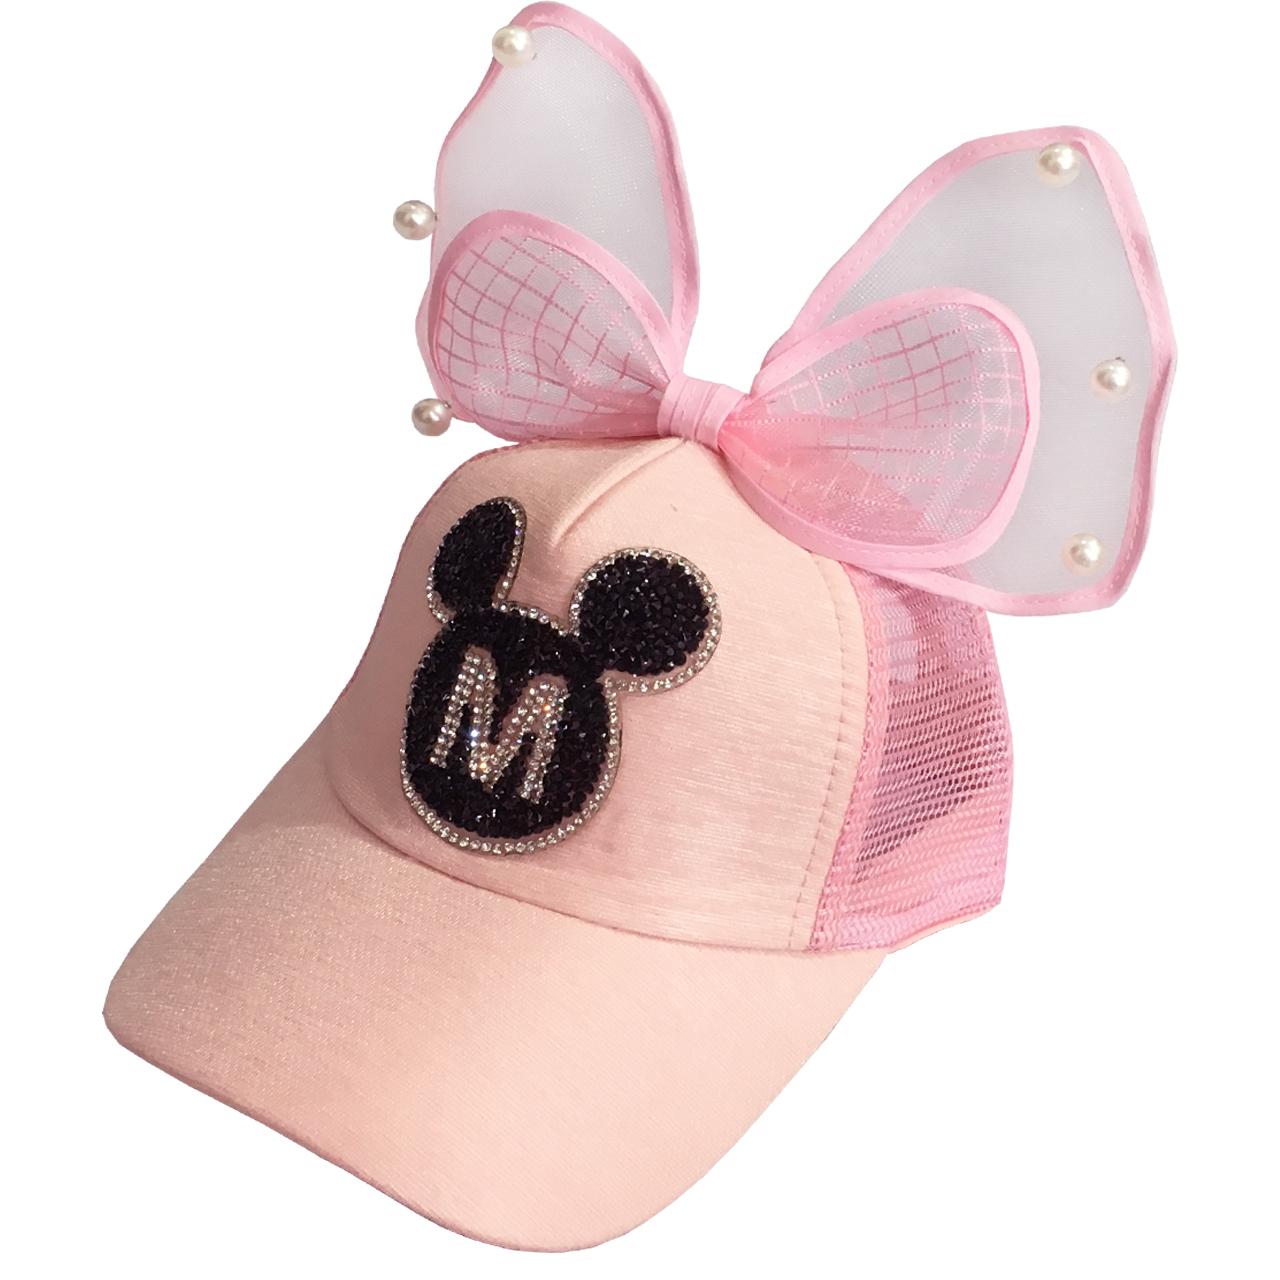 کلاه کپ دخترانه کد 0105